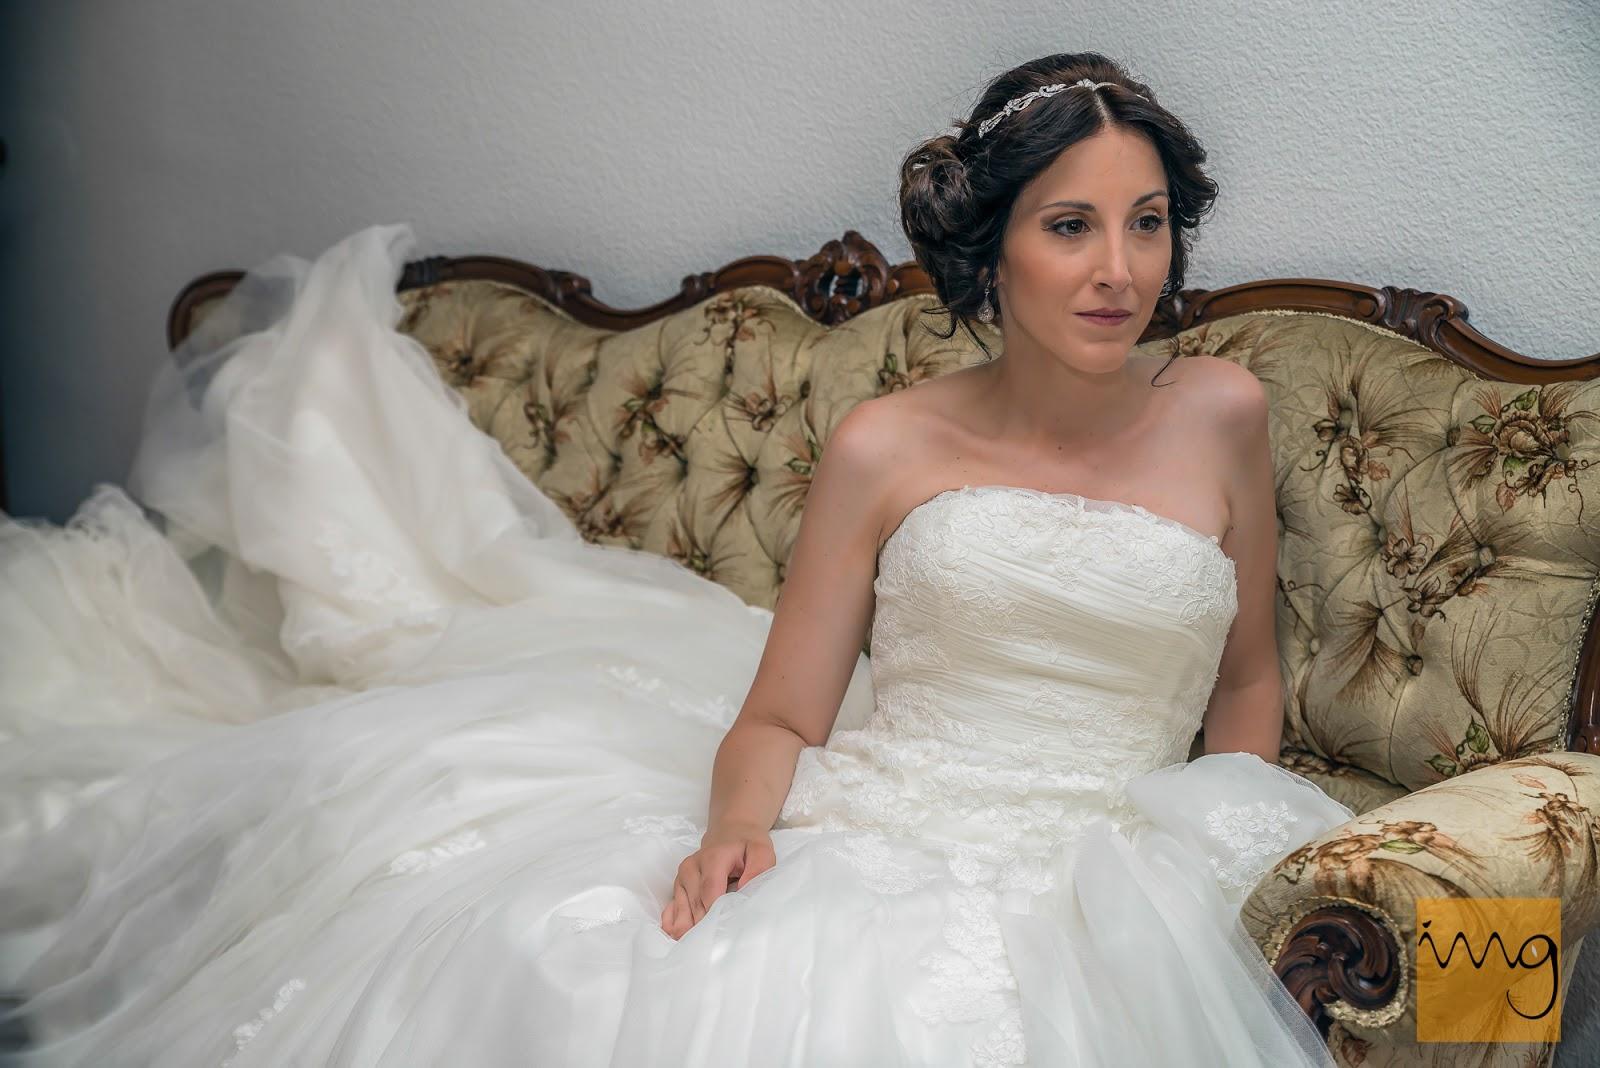 Fotografía de la novia sentada